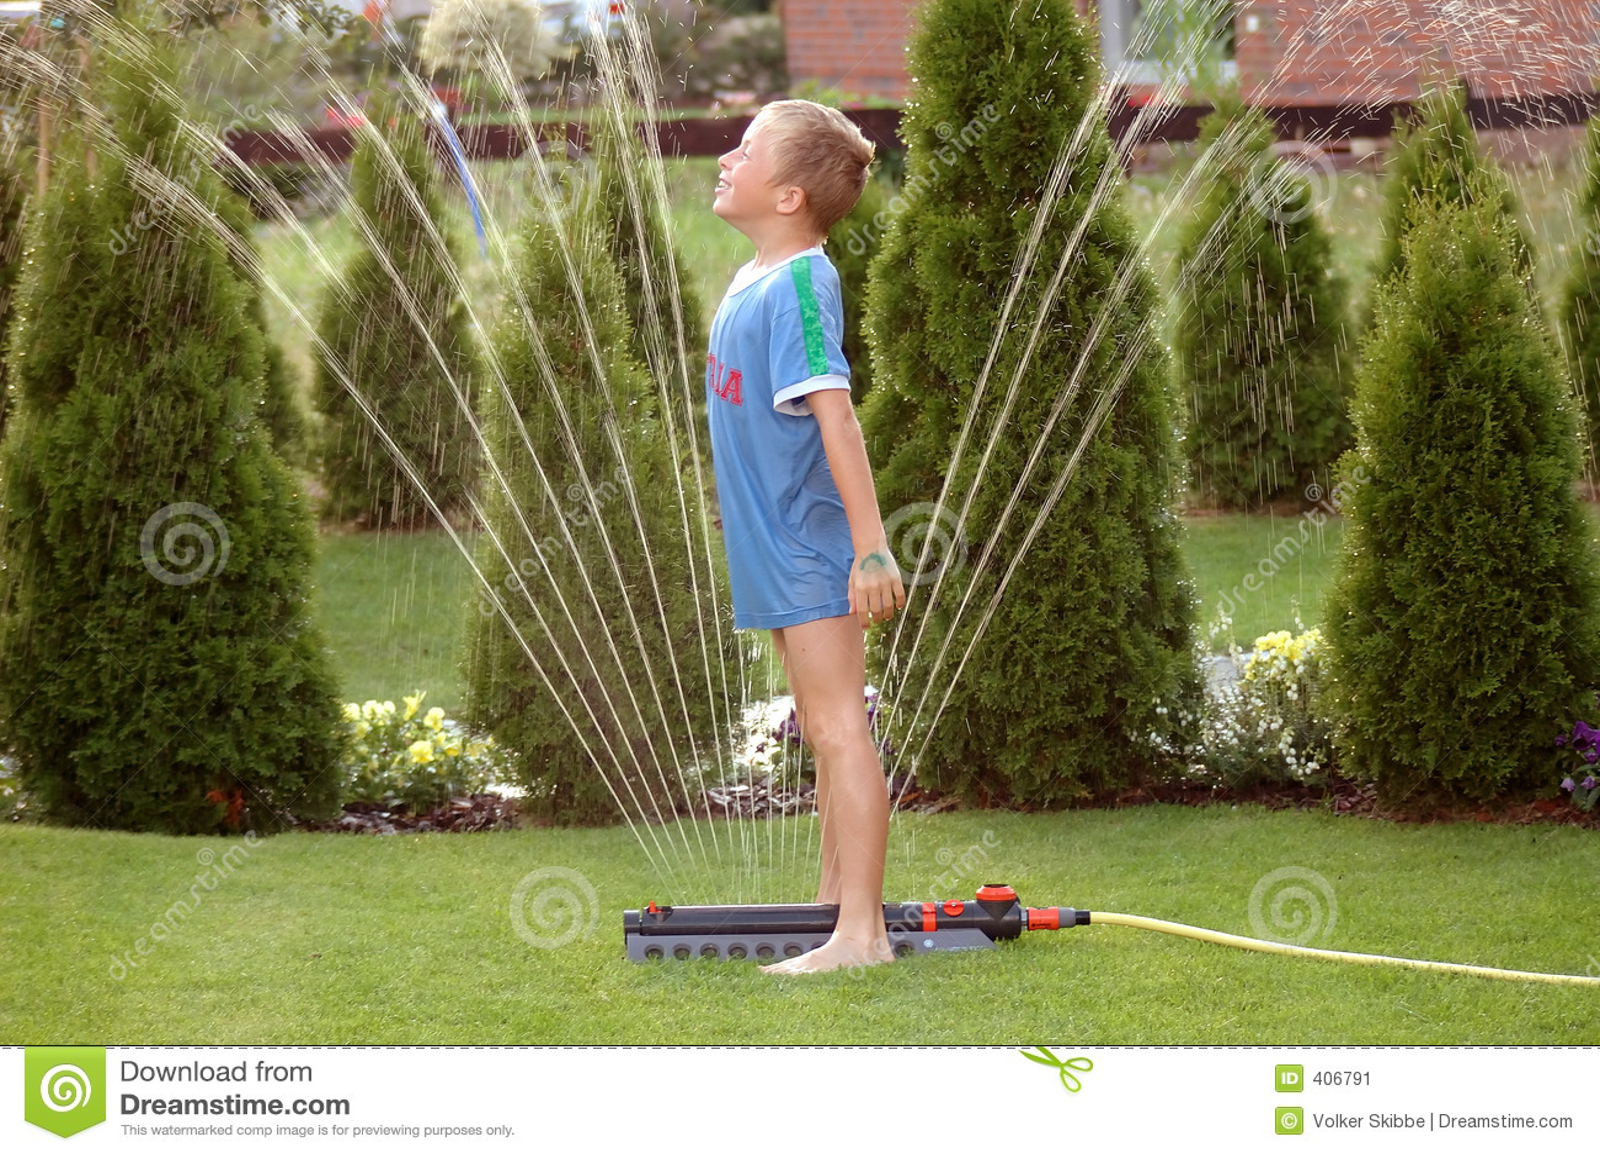 Ogród sprinkler1 chłopcy dziecka